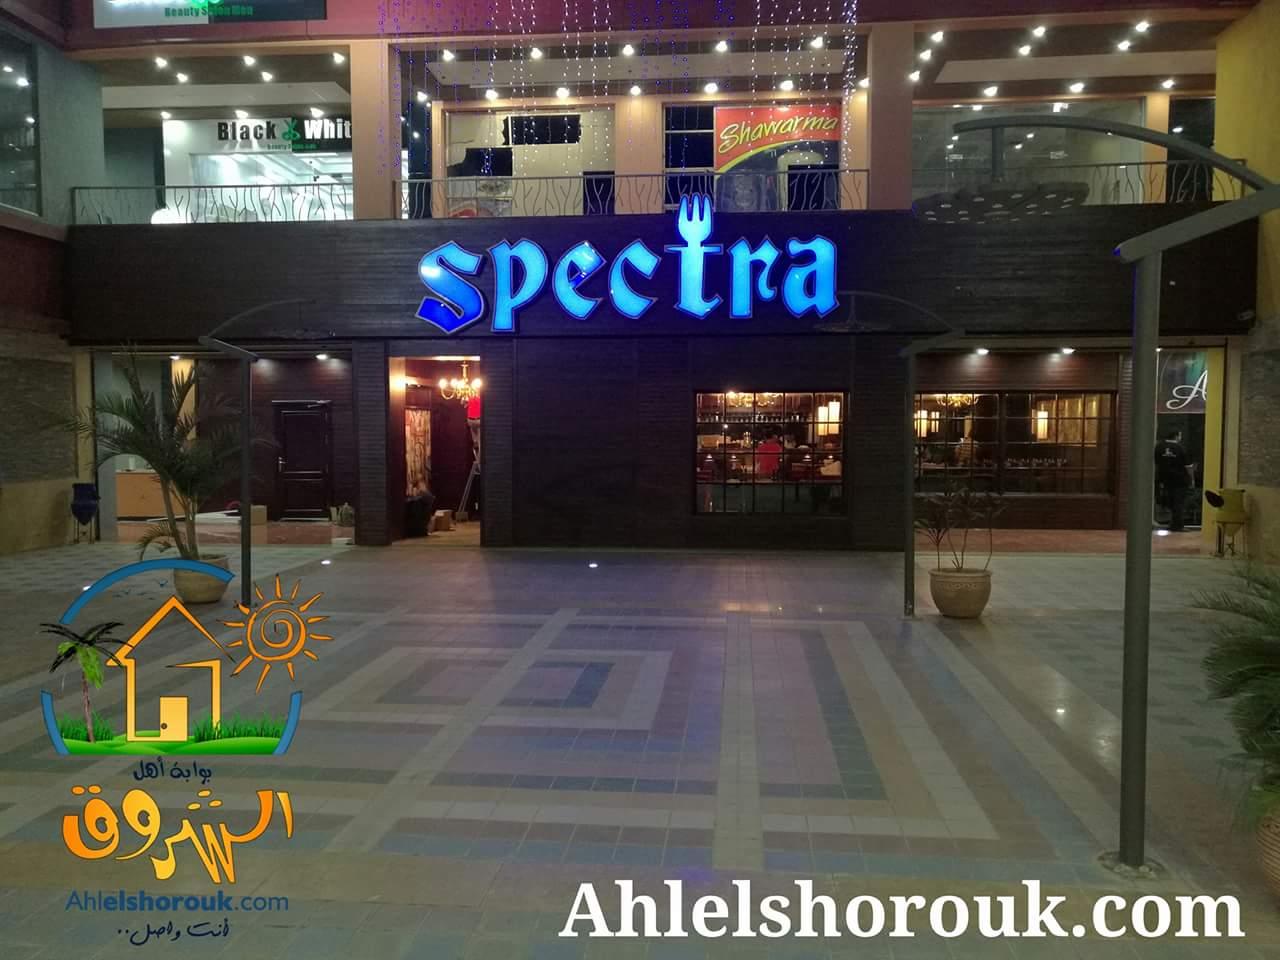 إفتتاح مطعم سبكترا الشروق